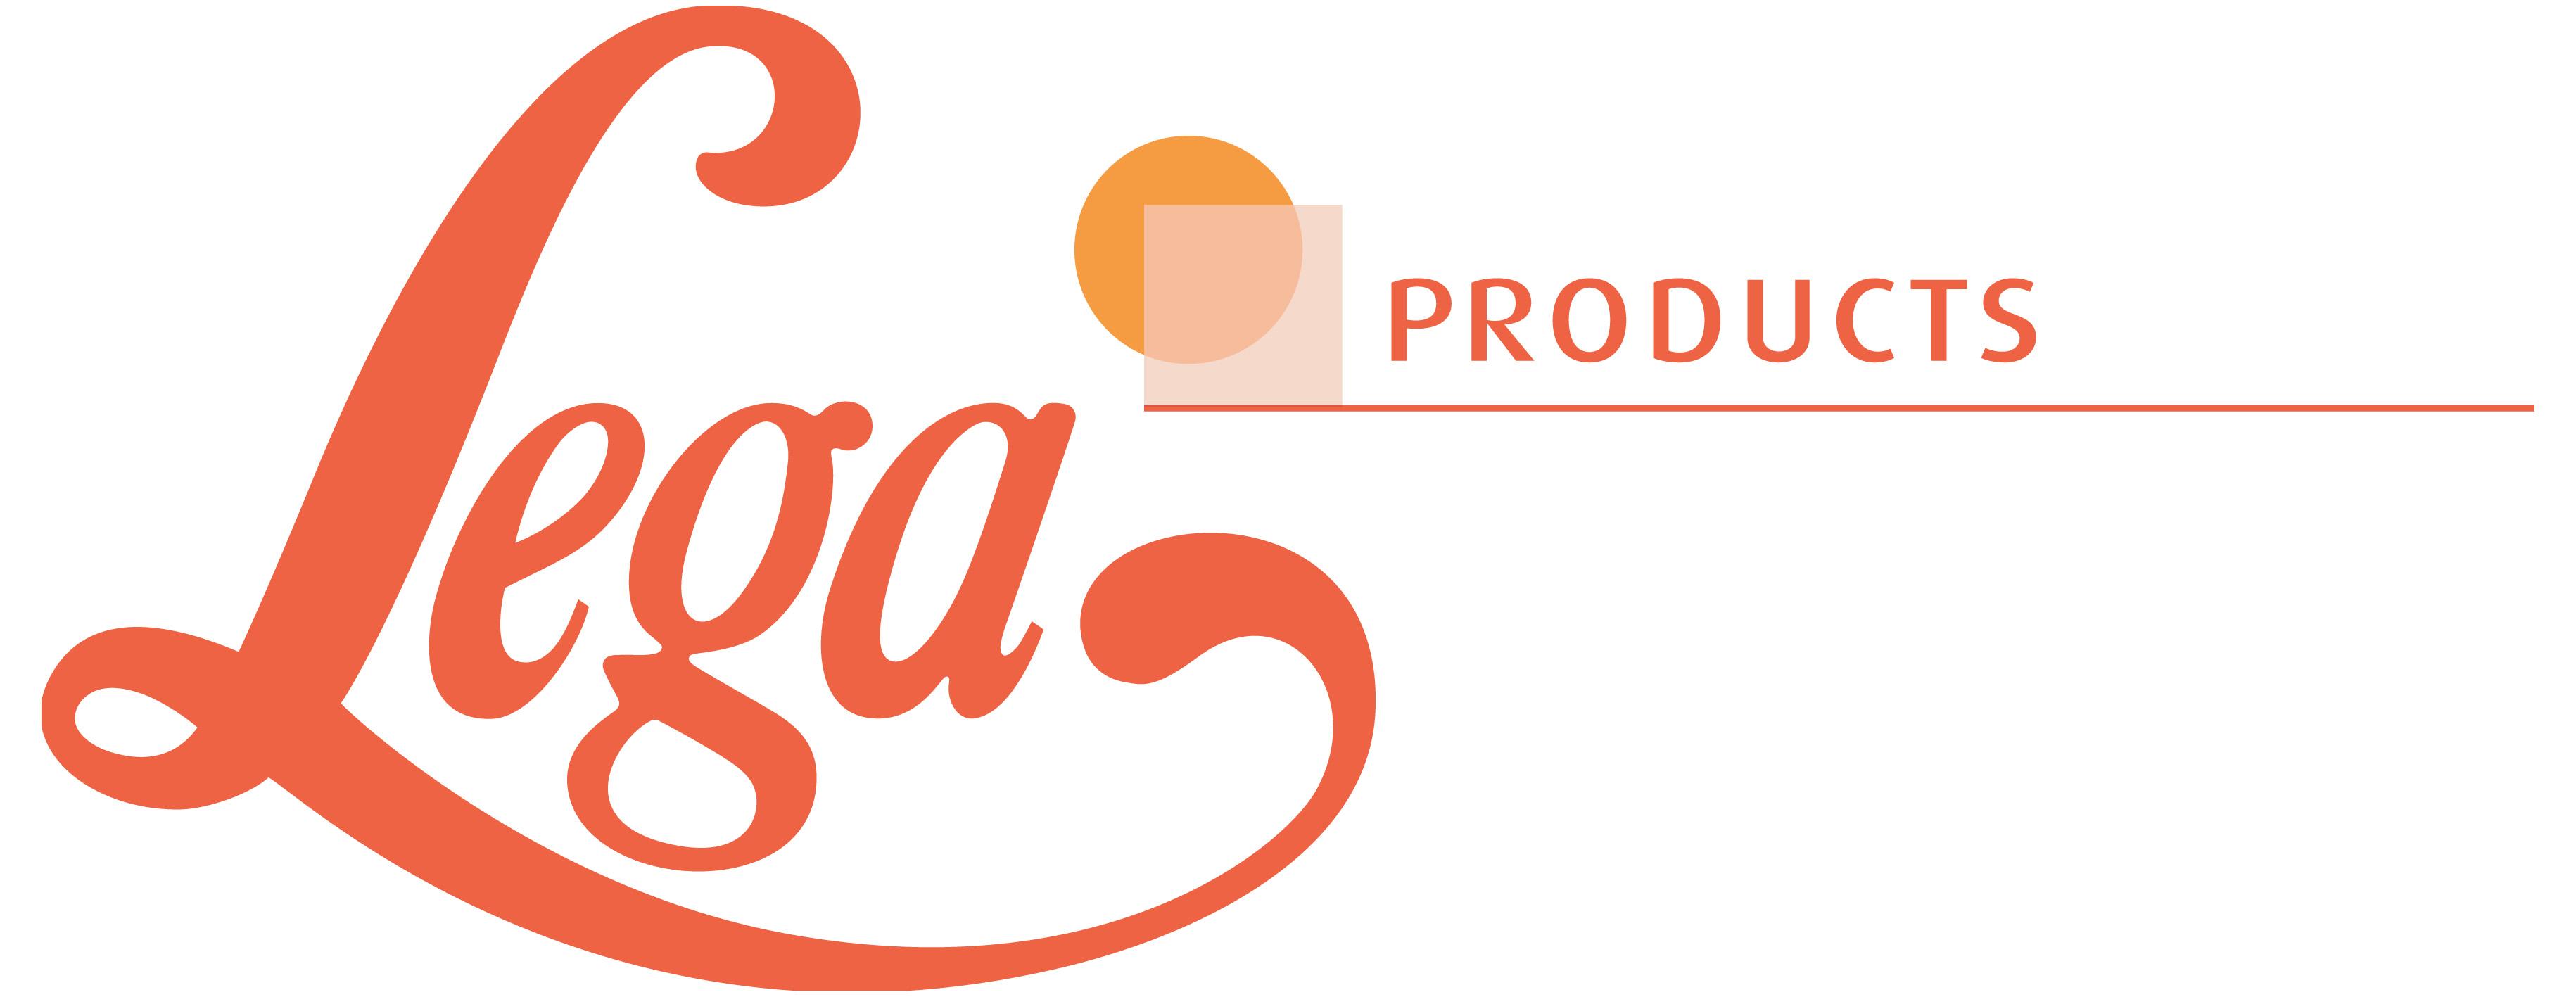 Lega Products